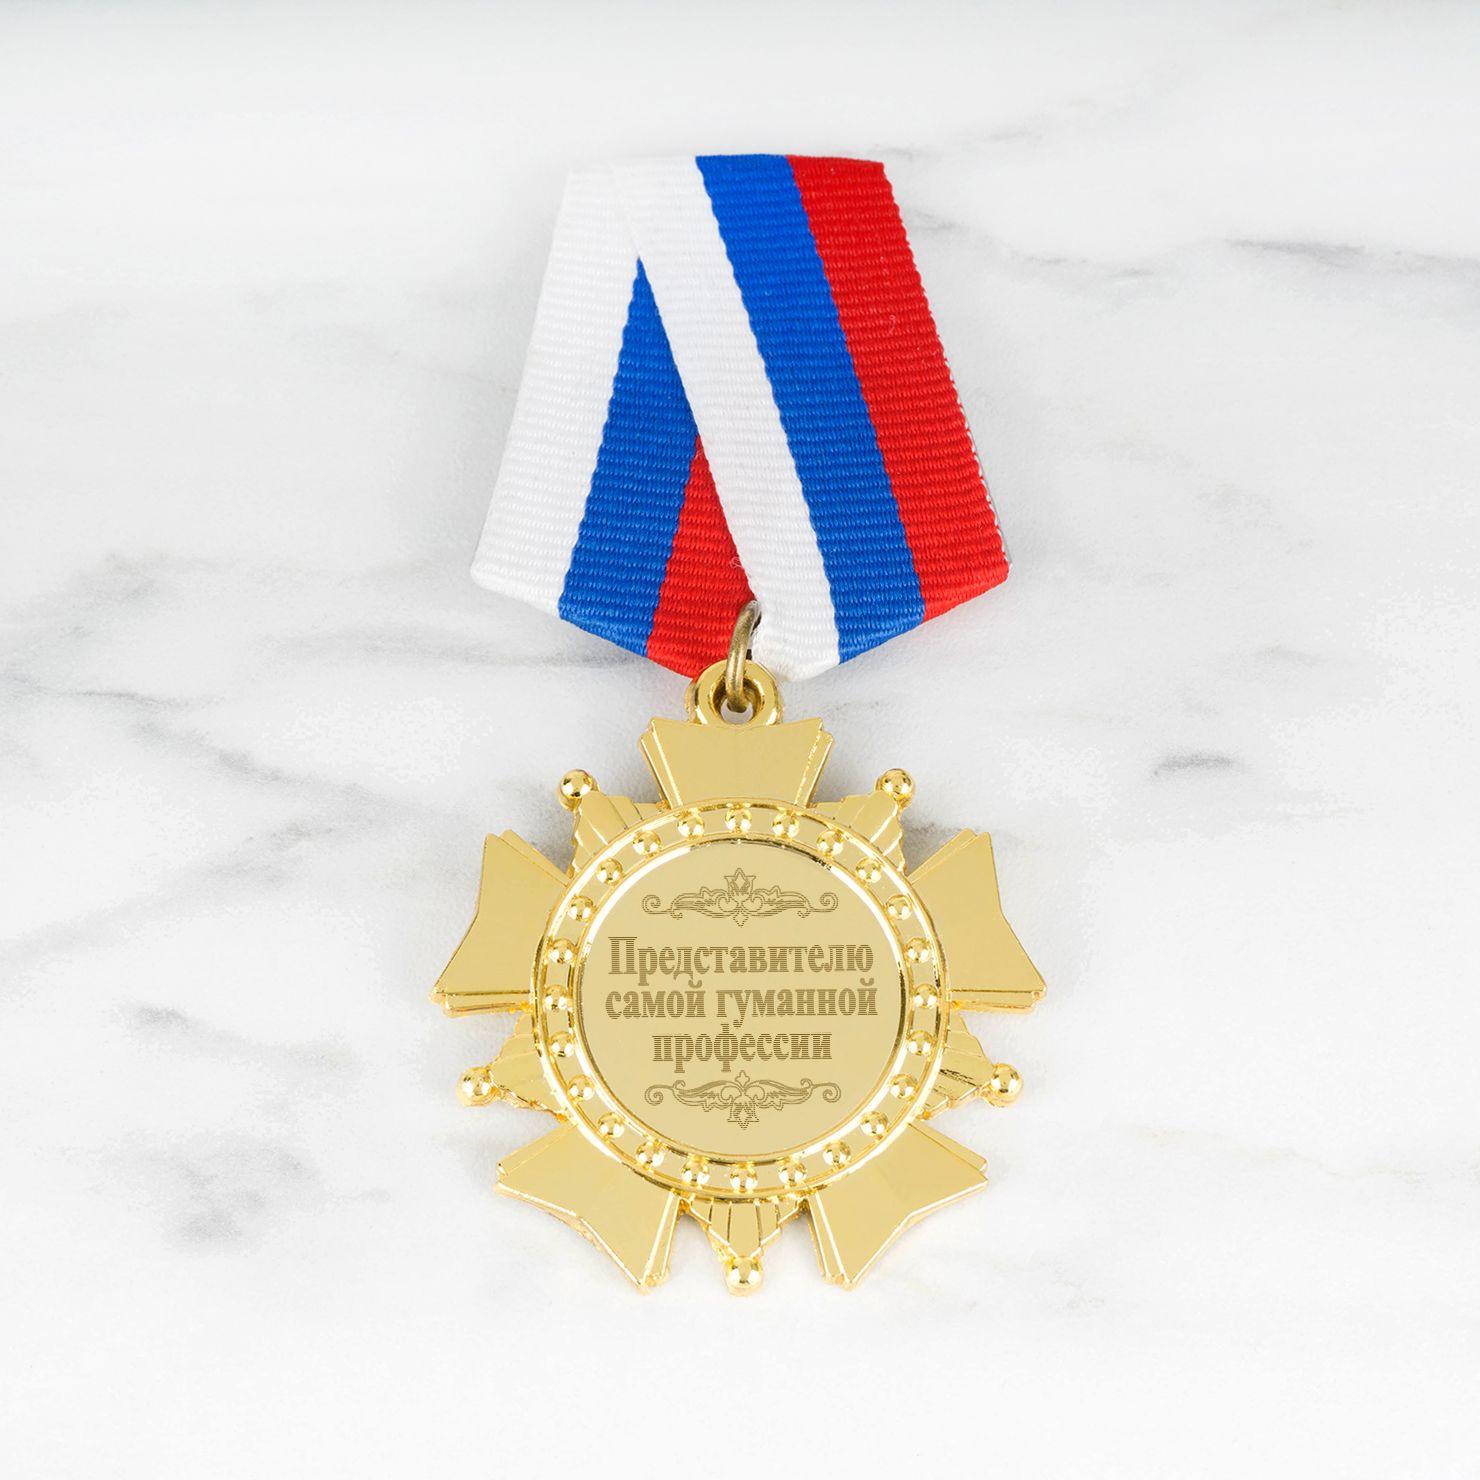 Орден *Представителю самой гуманной профессии*